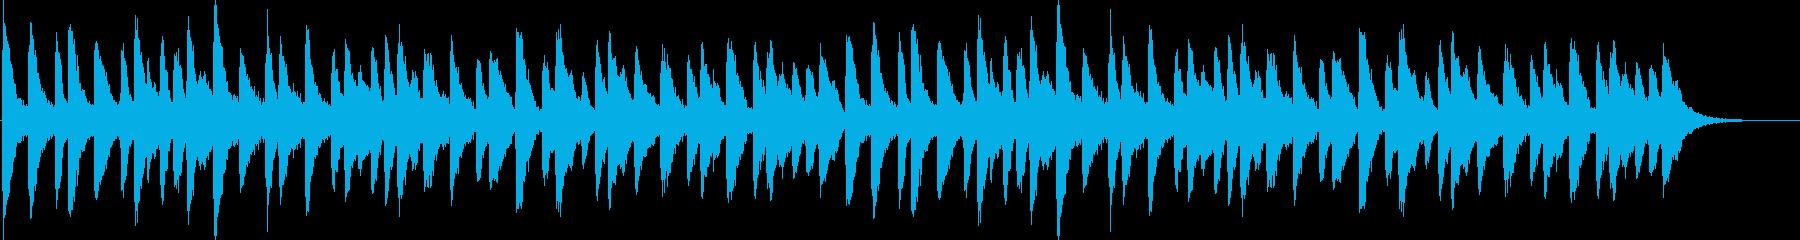 クリスマス、ベルの音色、ロングバージョンの再生済みの波形